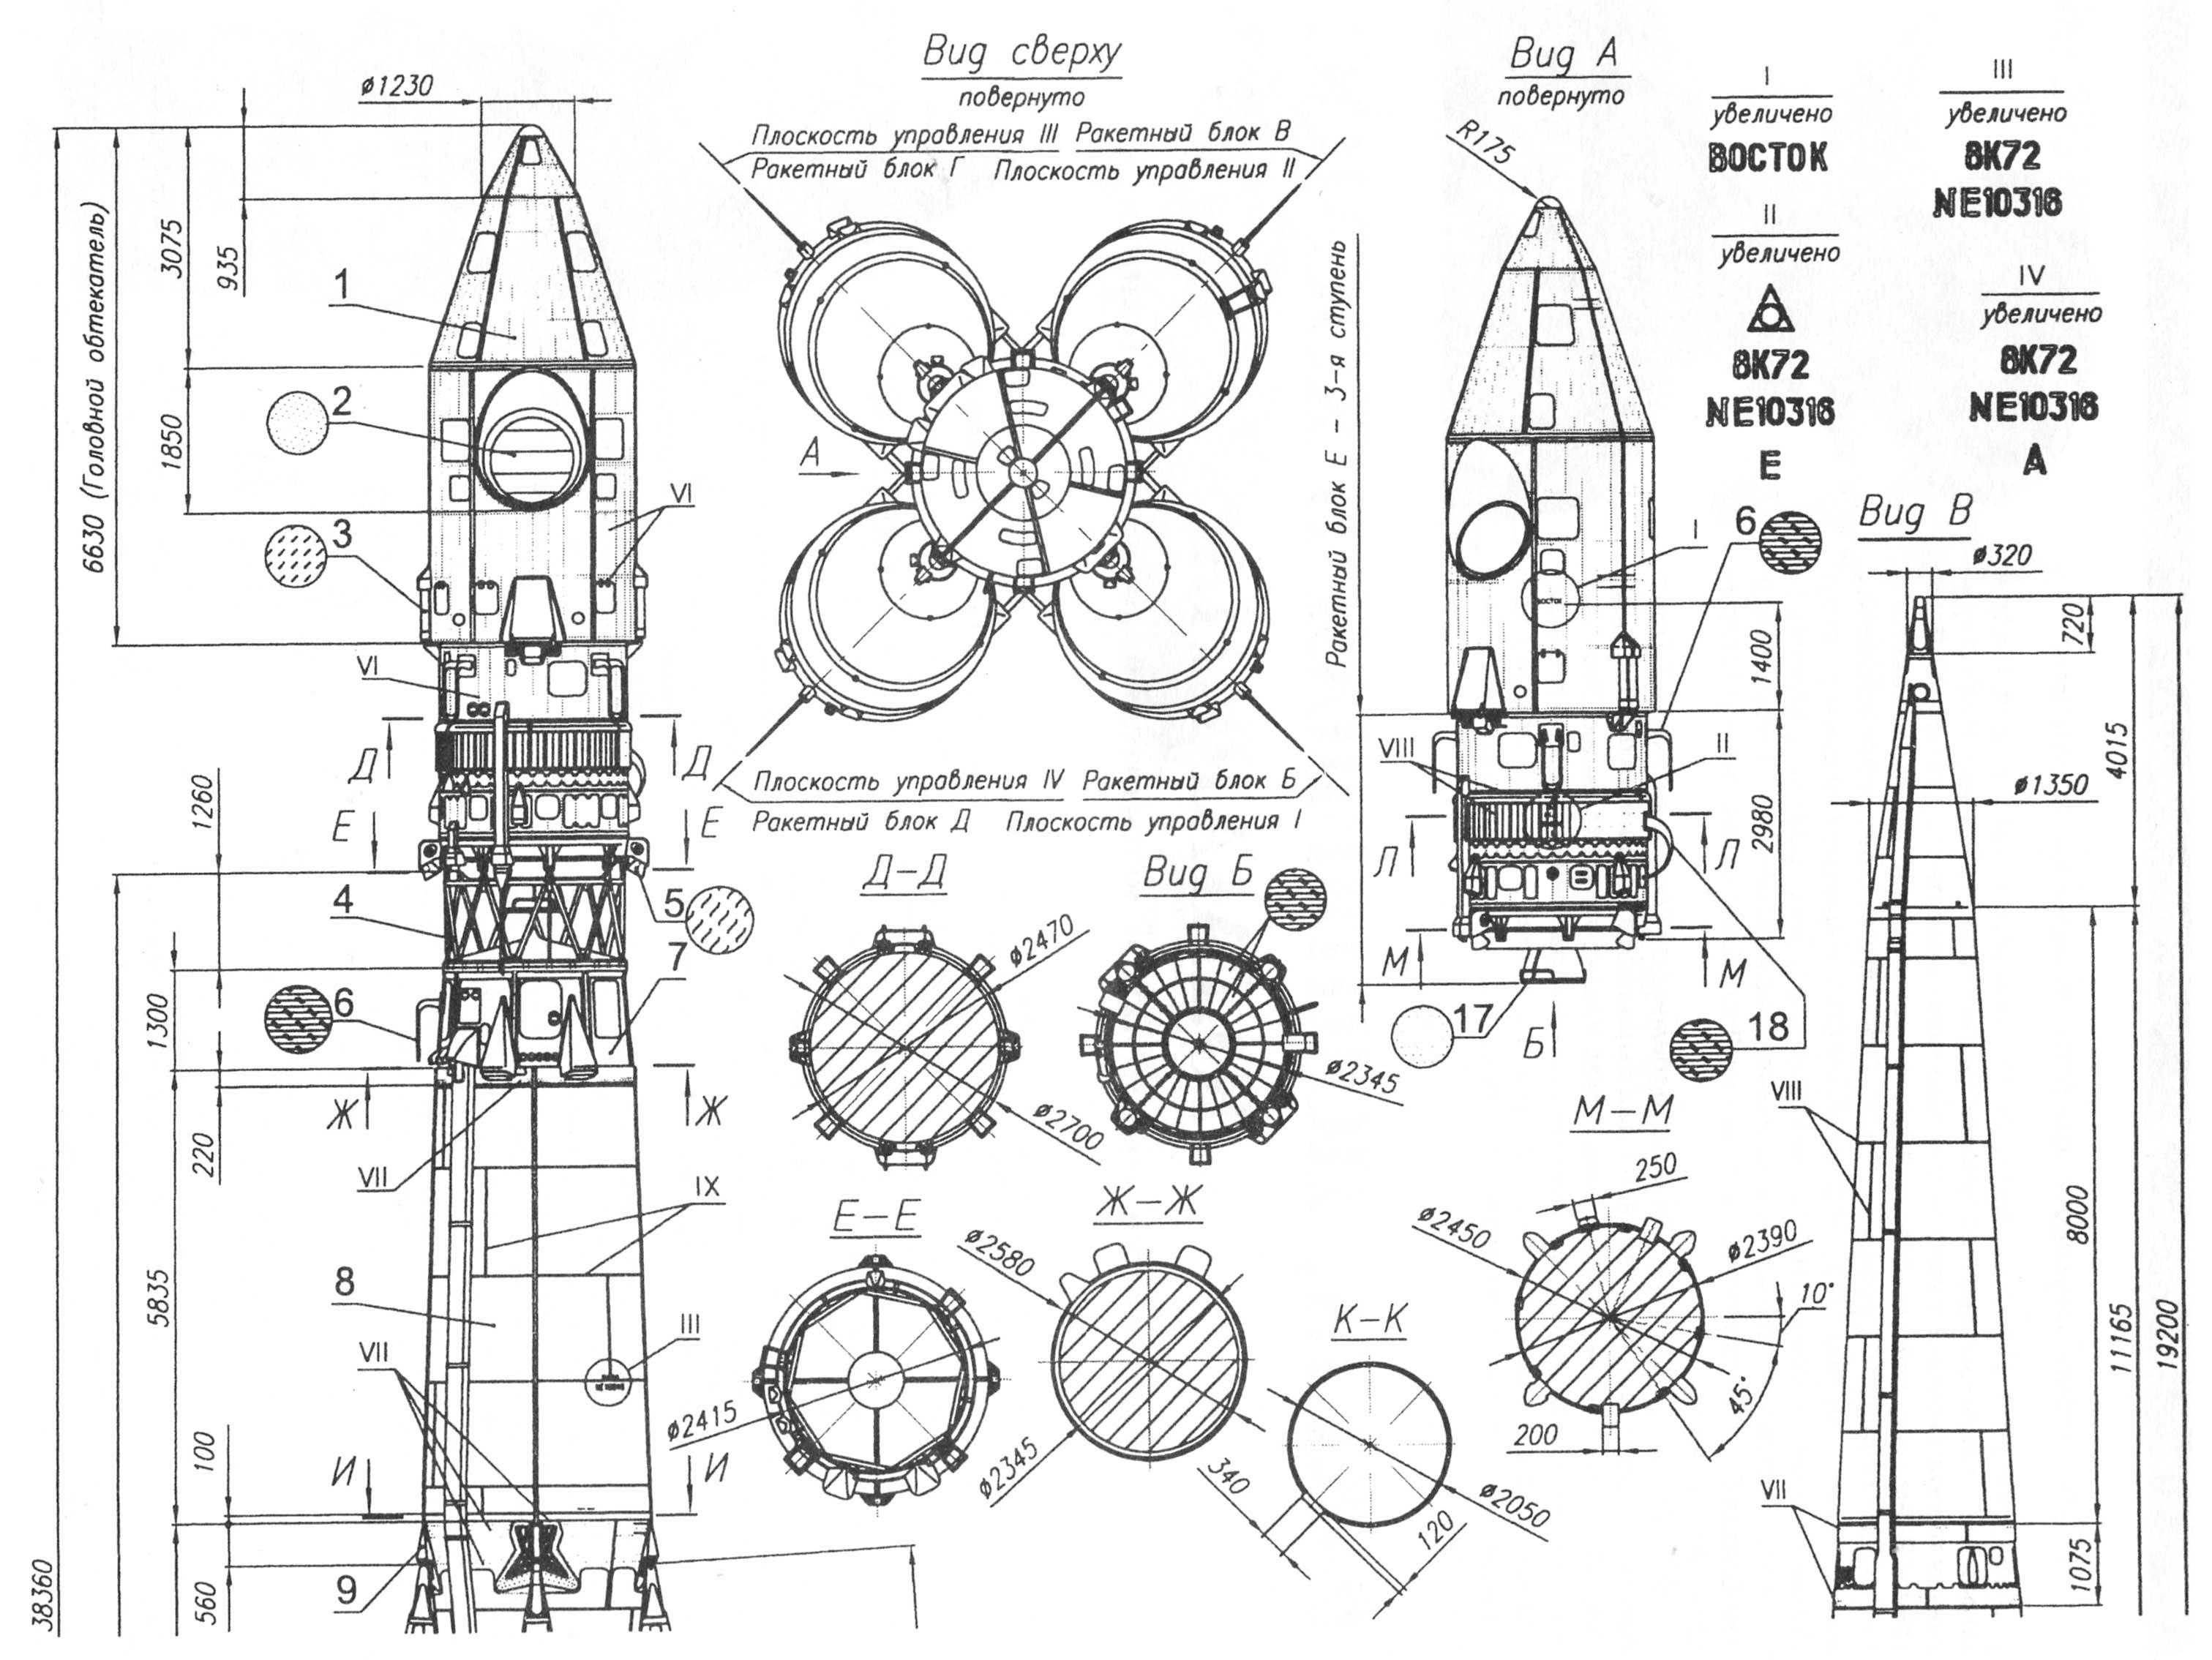 vostok spacecraft modules  u2013 socks